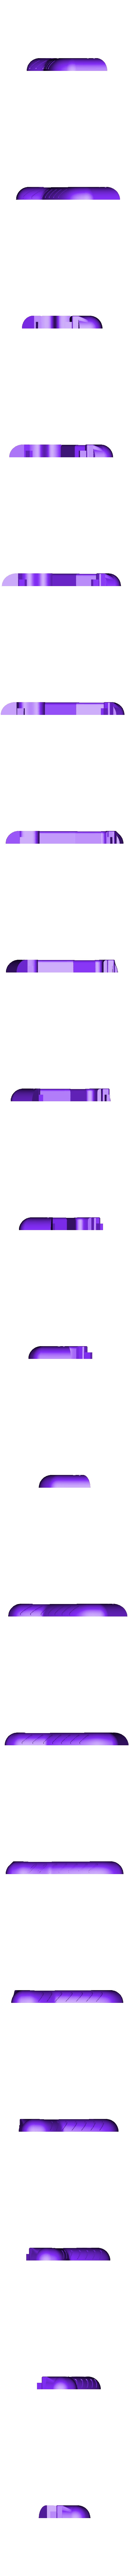 Stock_End_1.stl Télécharger fichier STL gratuit Le concept du fusil Khan de Marvels The Exiles • Plan pour imprimante 3D, Dsk